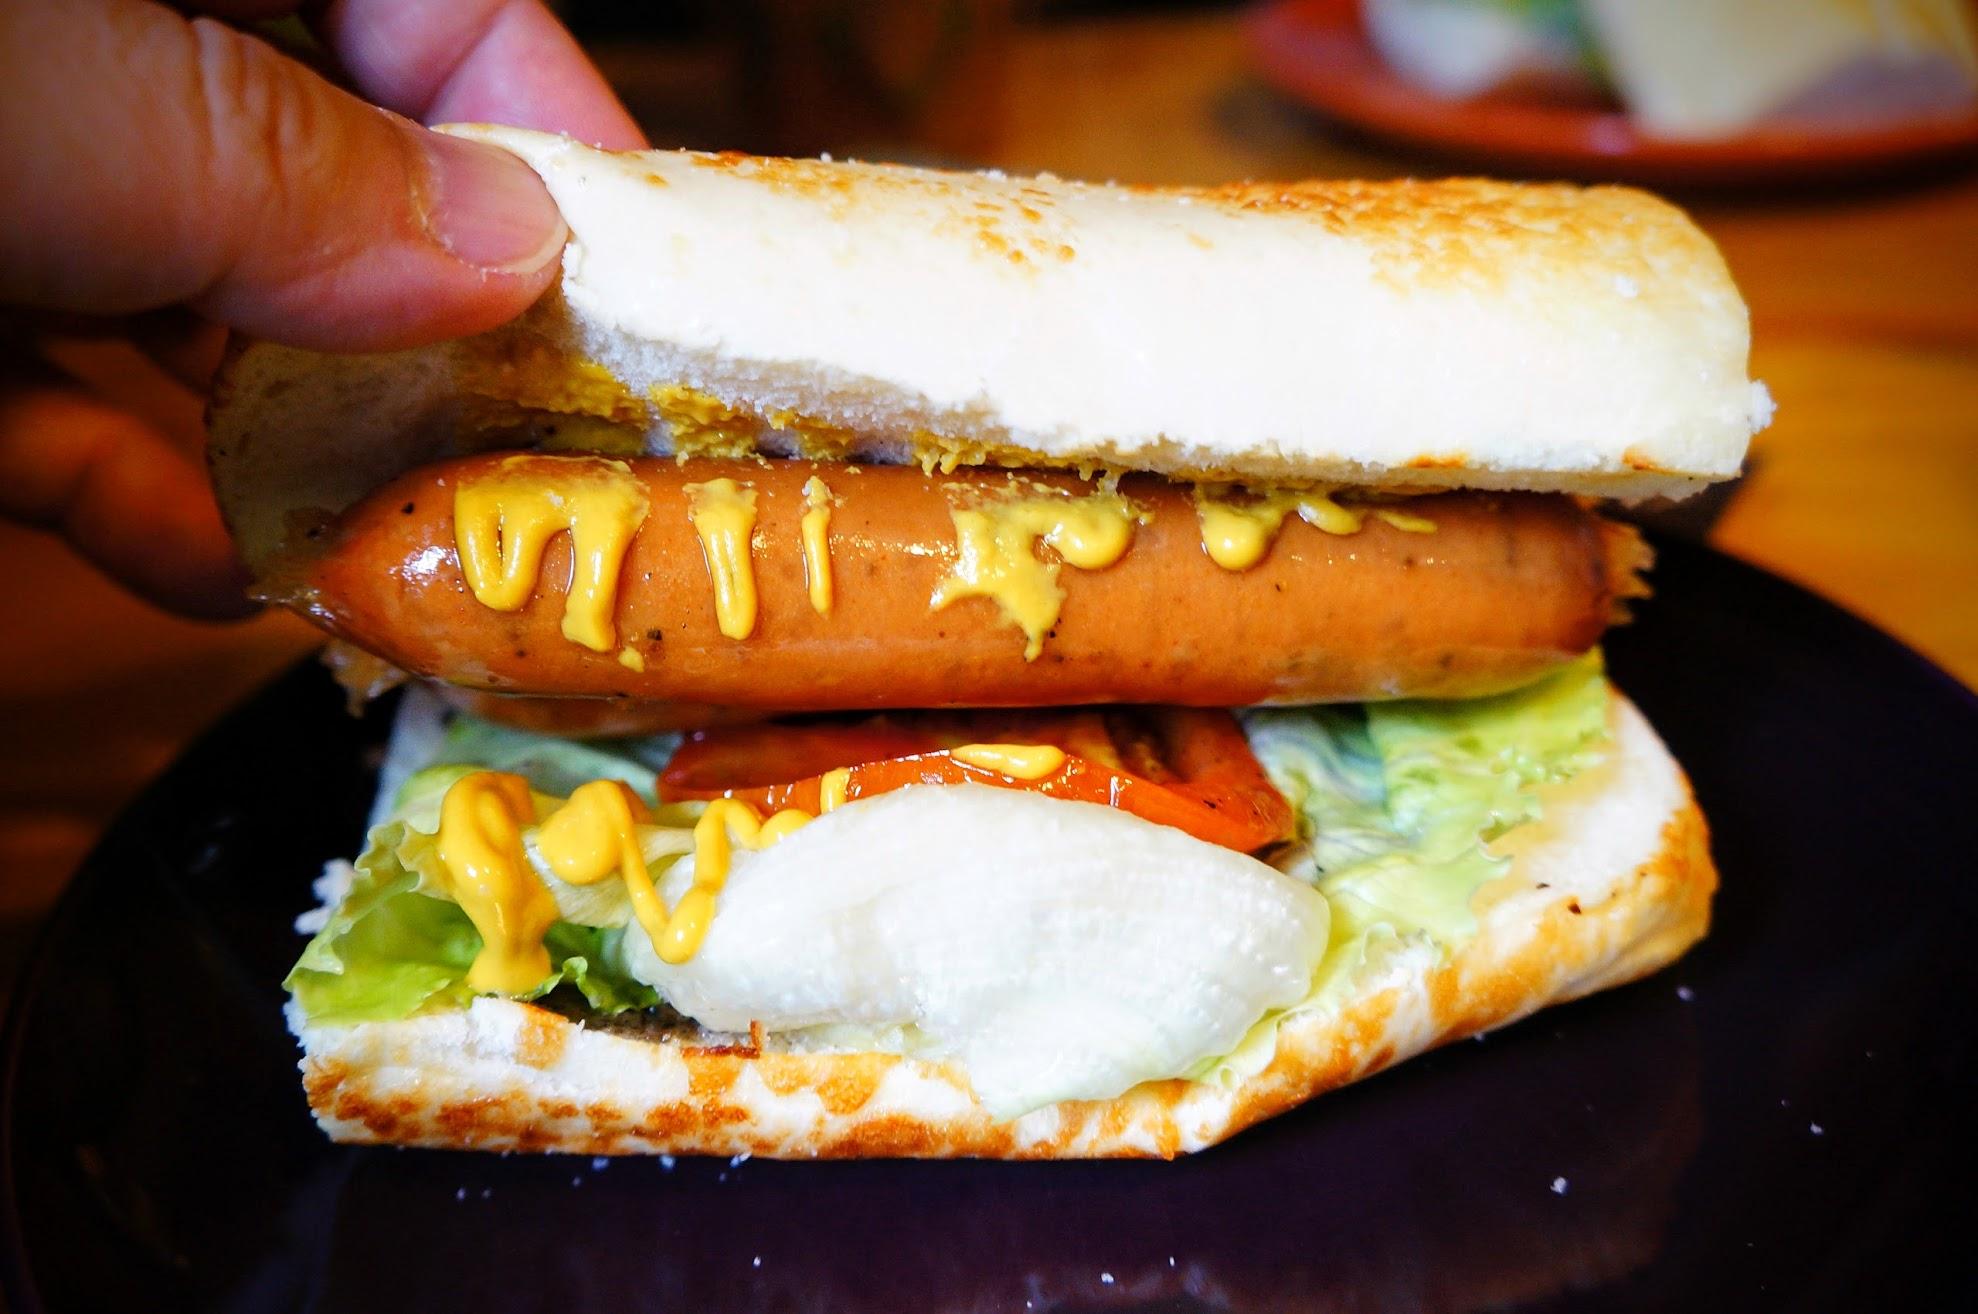 上下麵包也有塗芝麻沙拉醬,中間則是二根香腸!